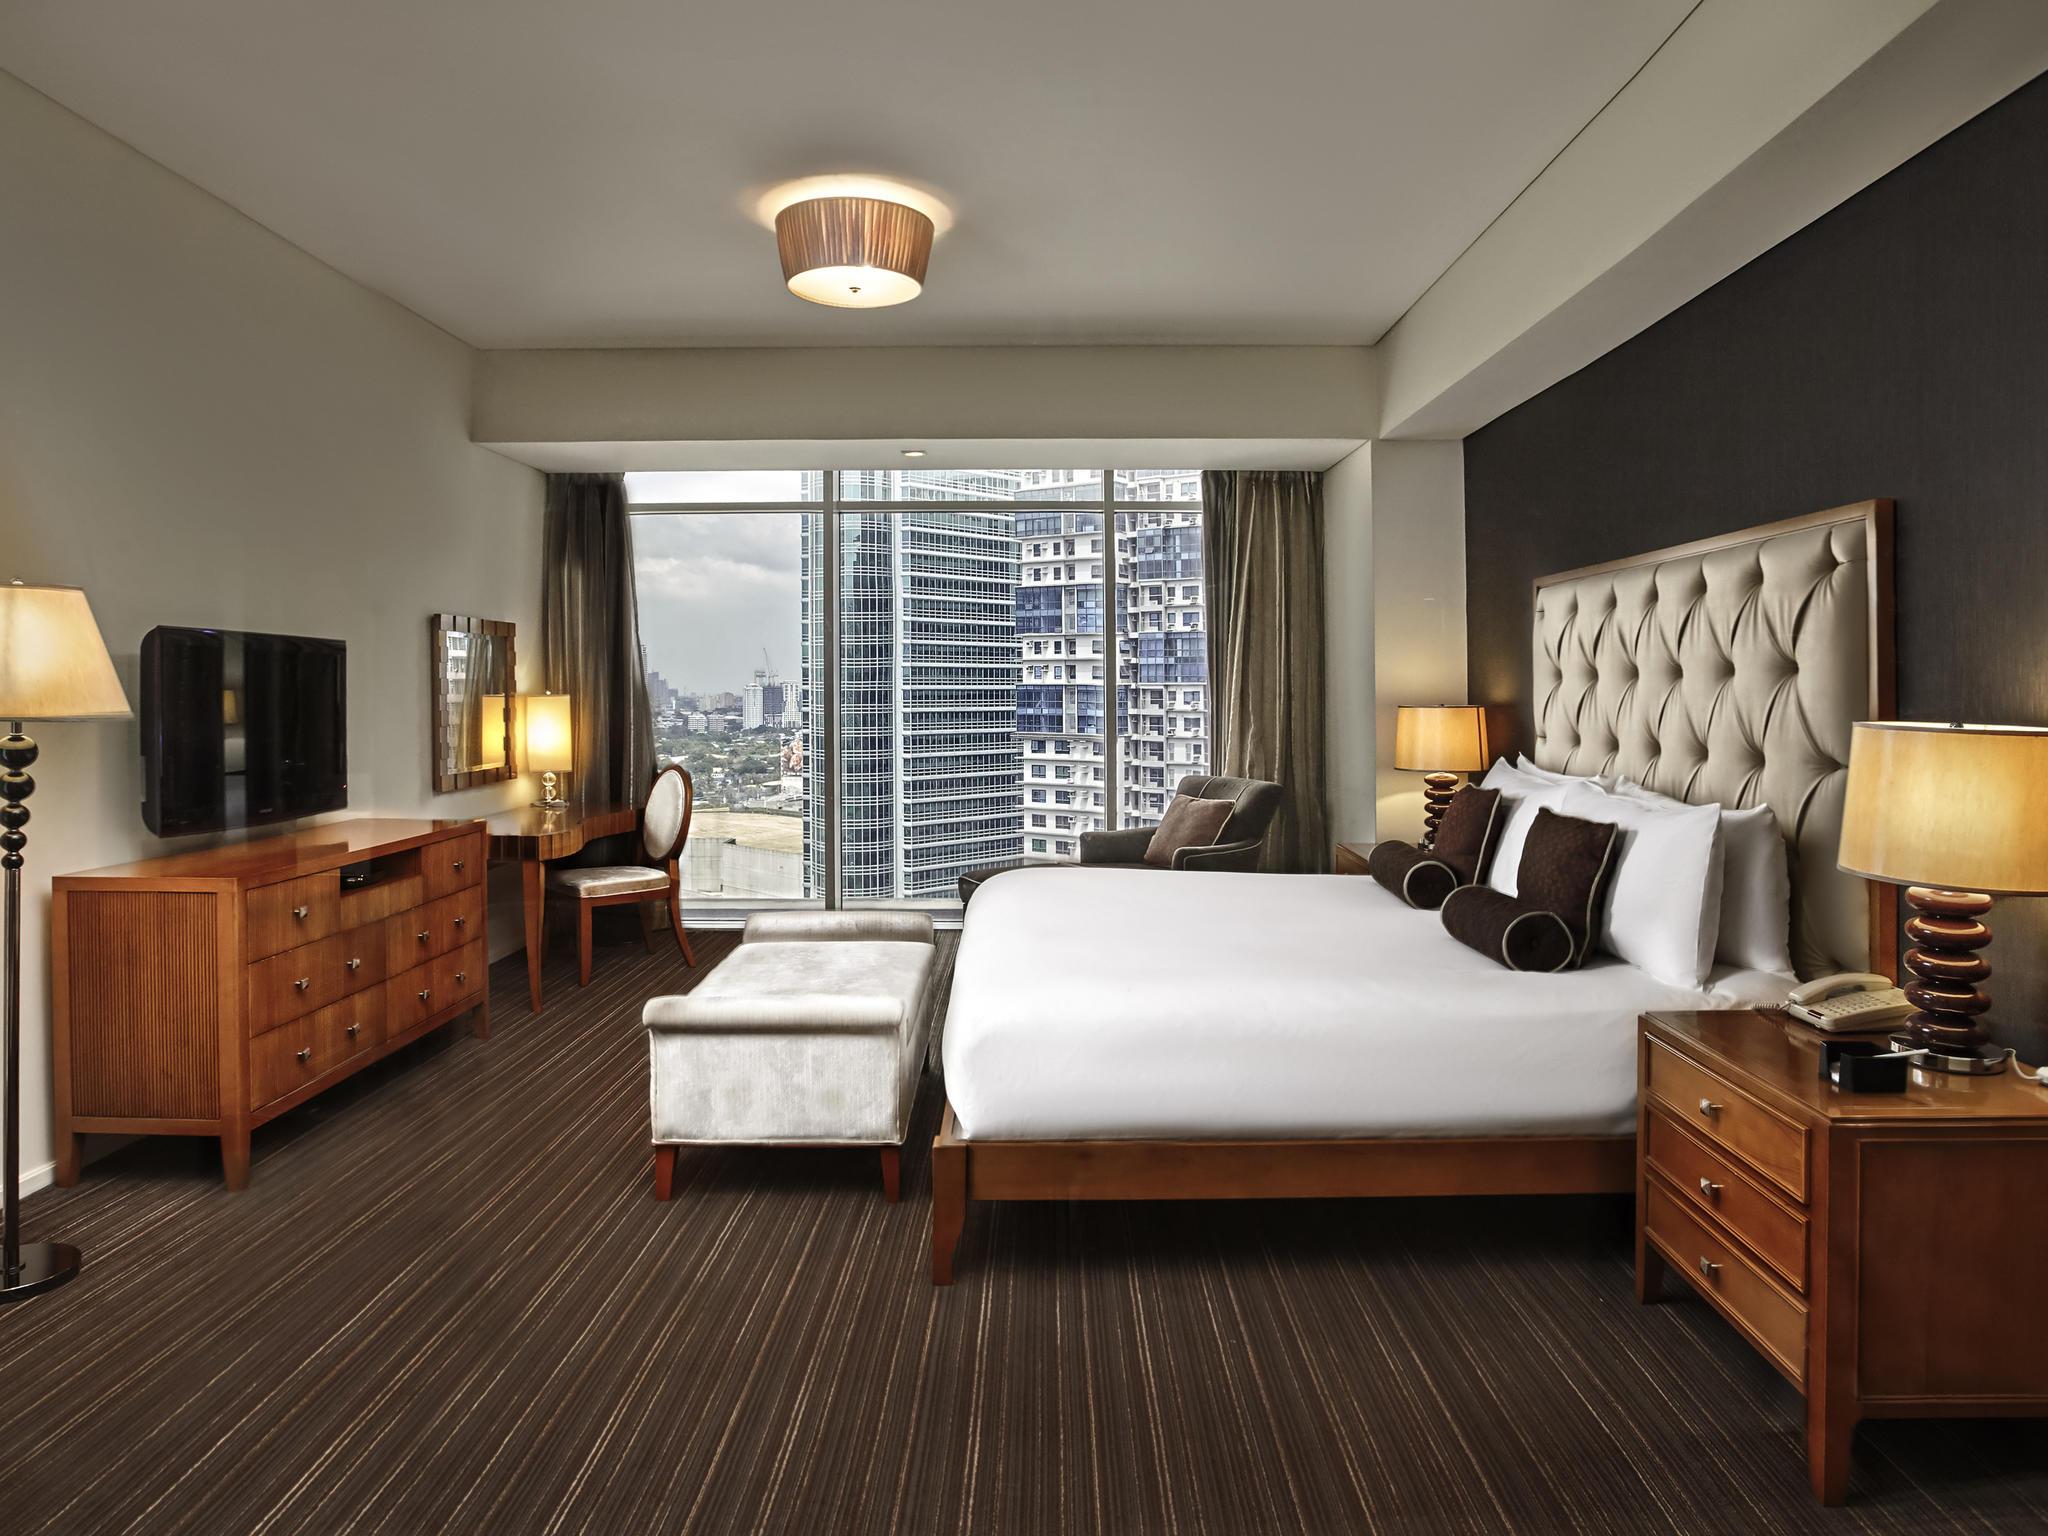 Hotel – Joy Nostalg Hotel & Suites - Manila Managed by AccorHotels